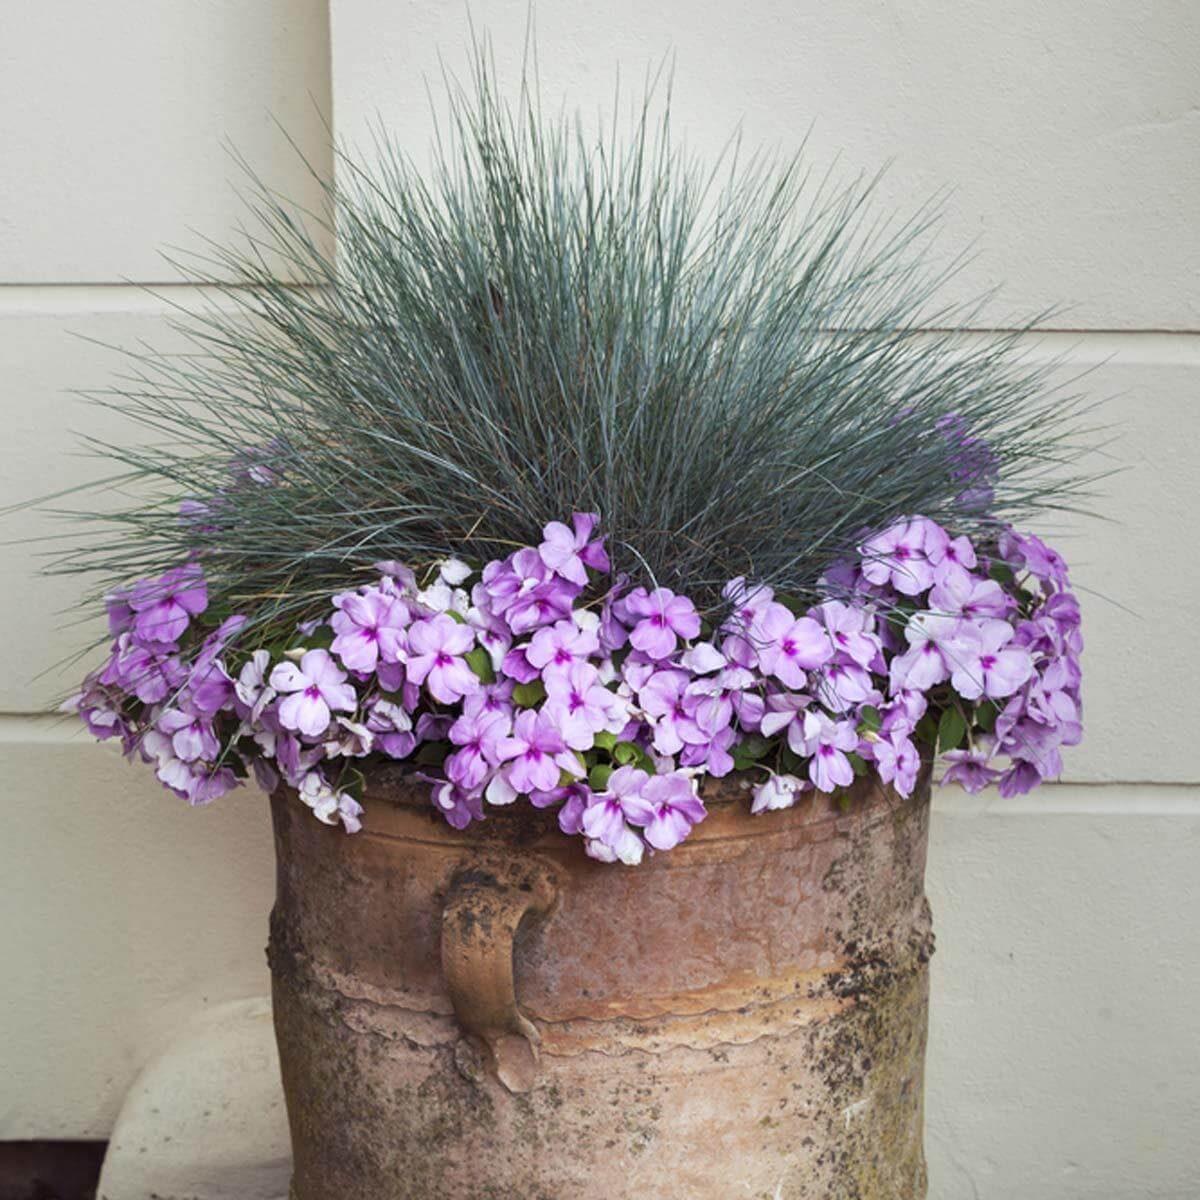 lavender impatiens flowers